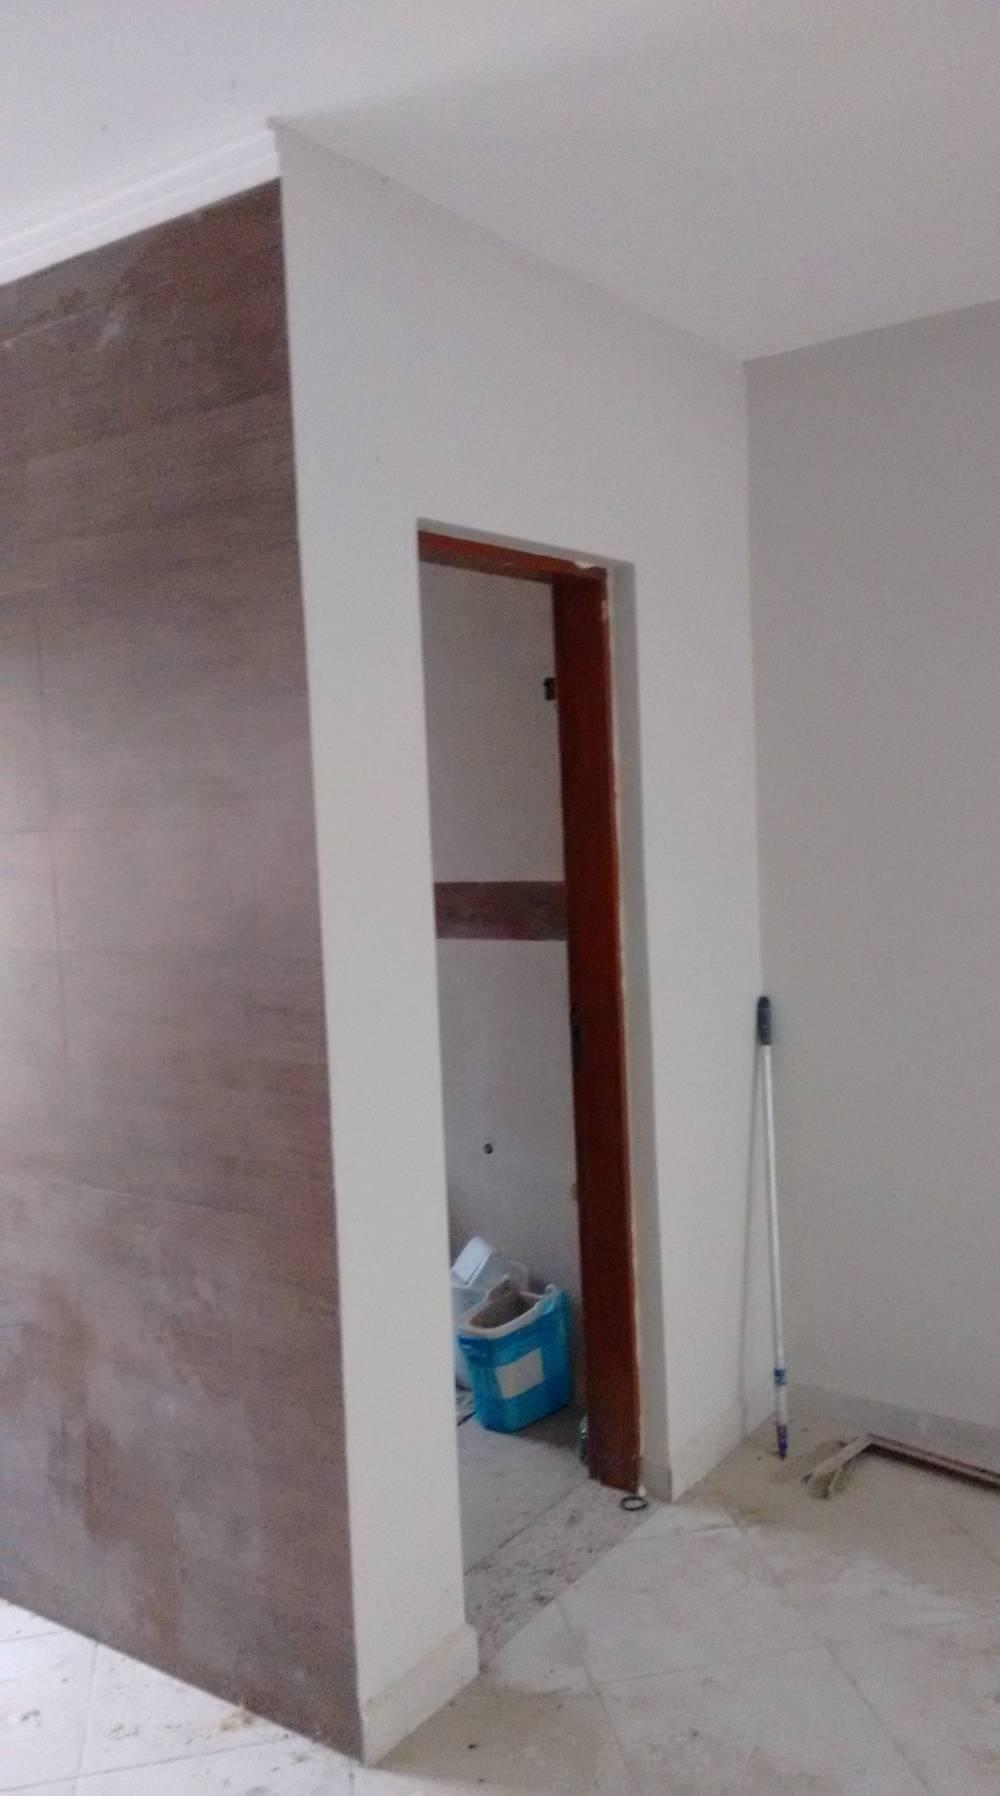 Preciso Fazer Reparo em Residências na Vila Brasilina - Reparos Residenciais na Zona Leste